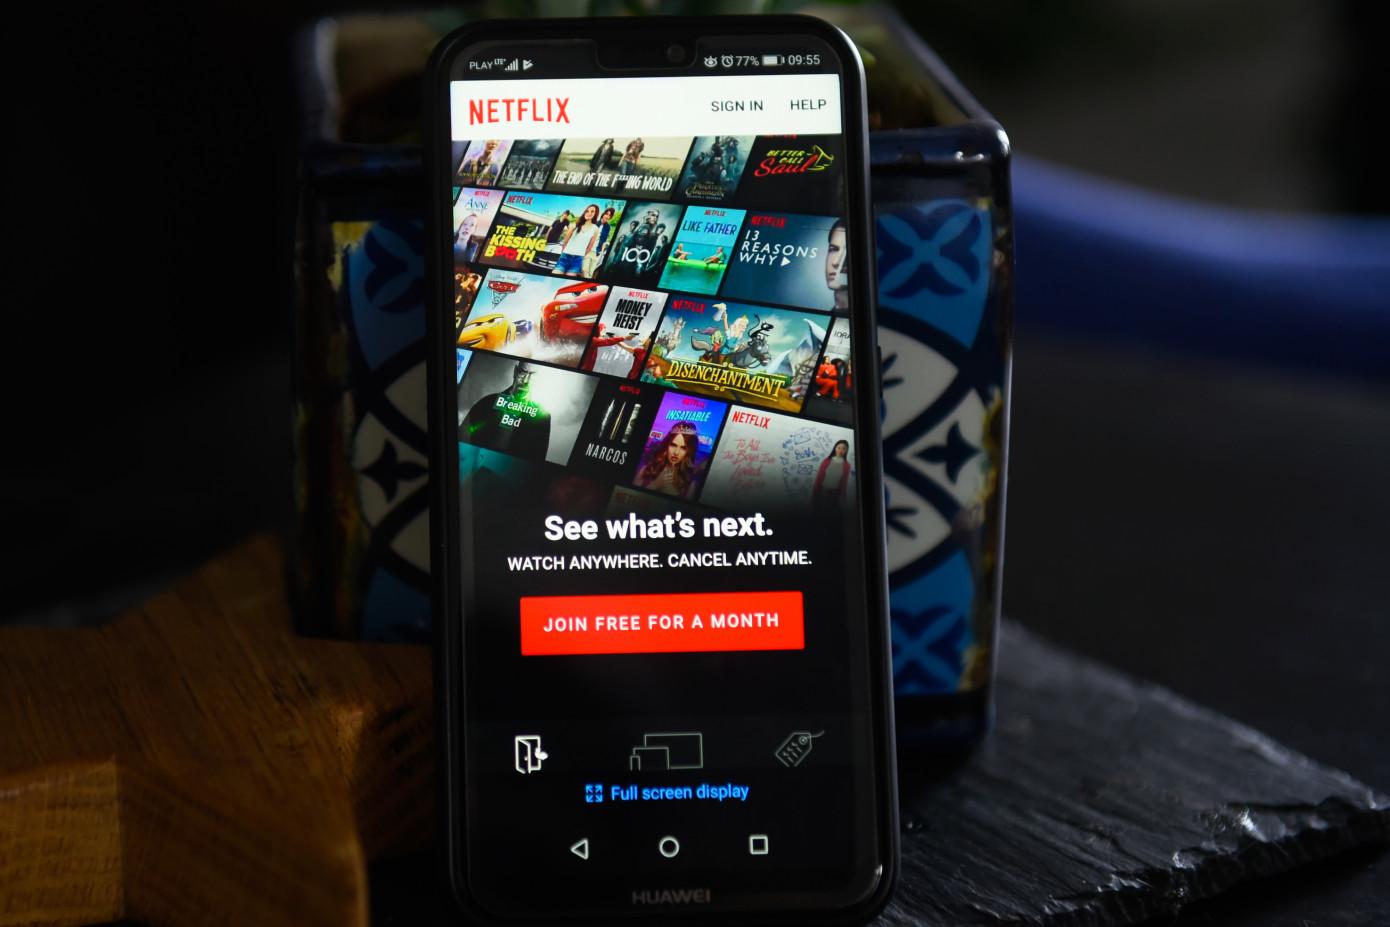 Netflix comienza a transmitir en AV1 en Android